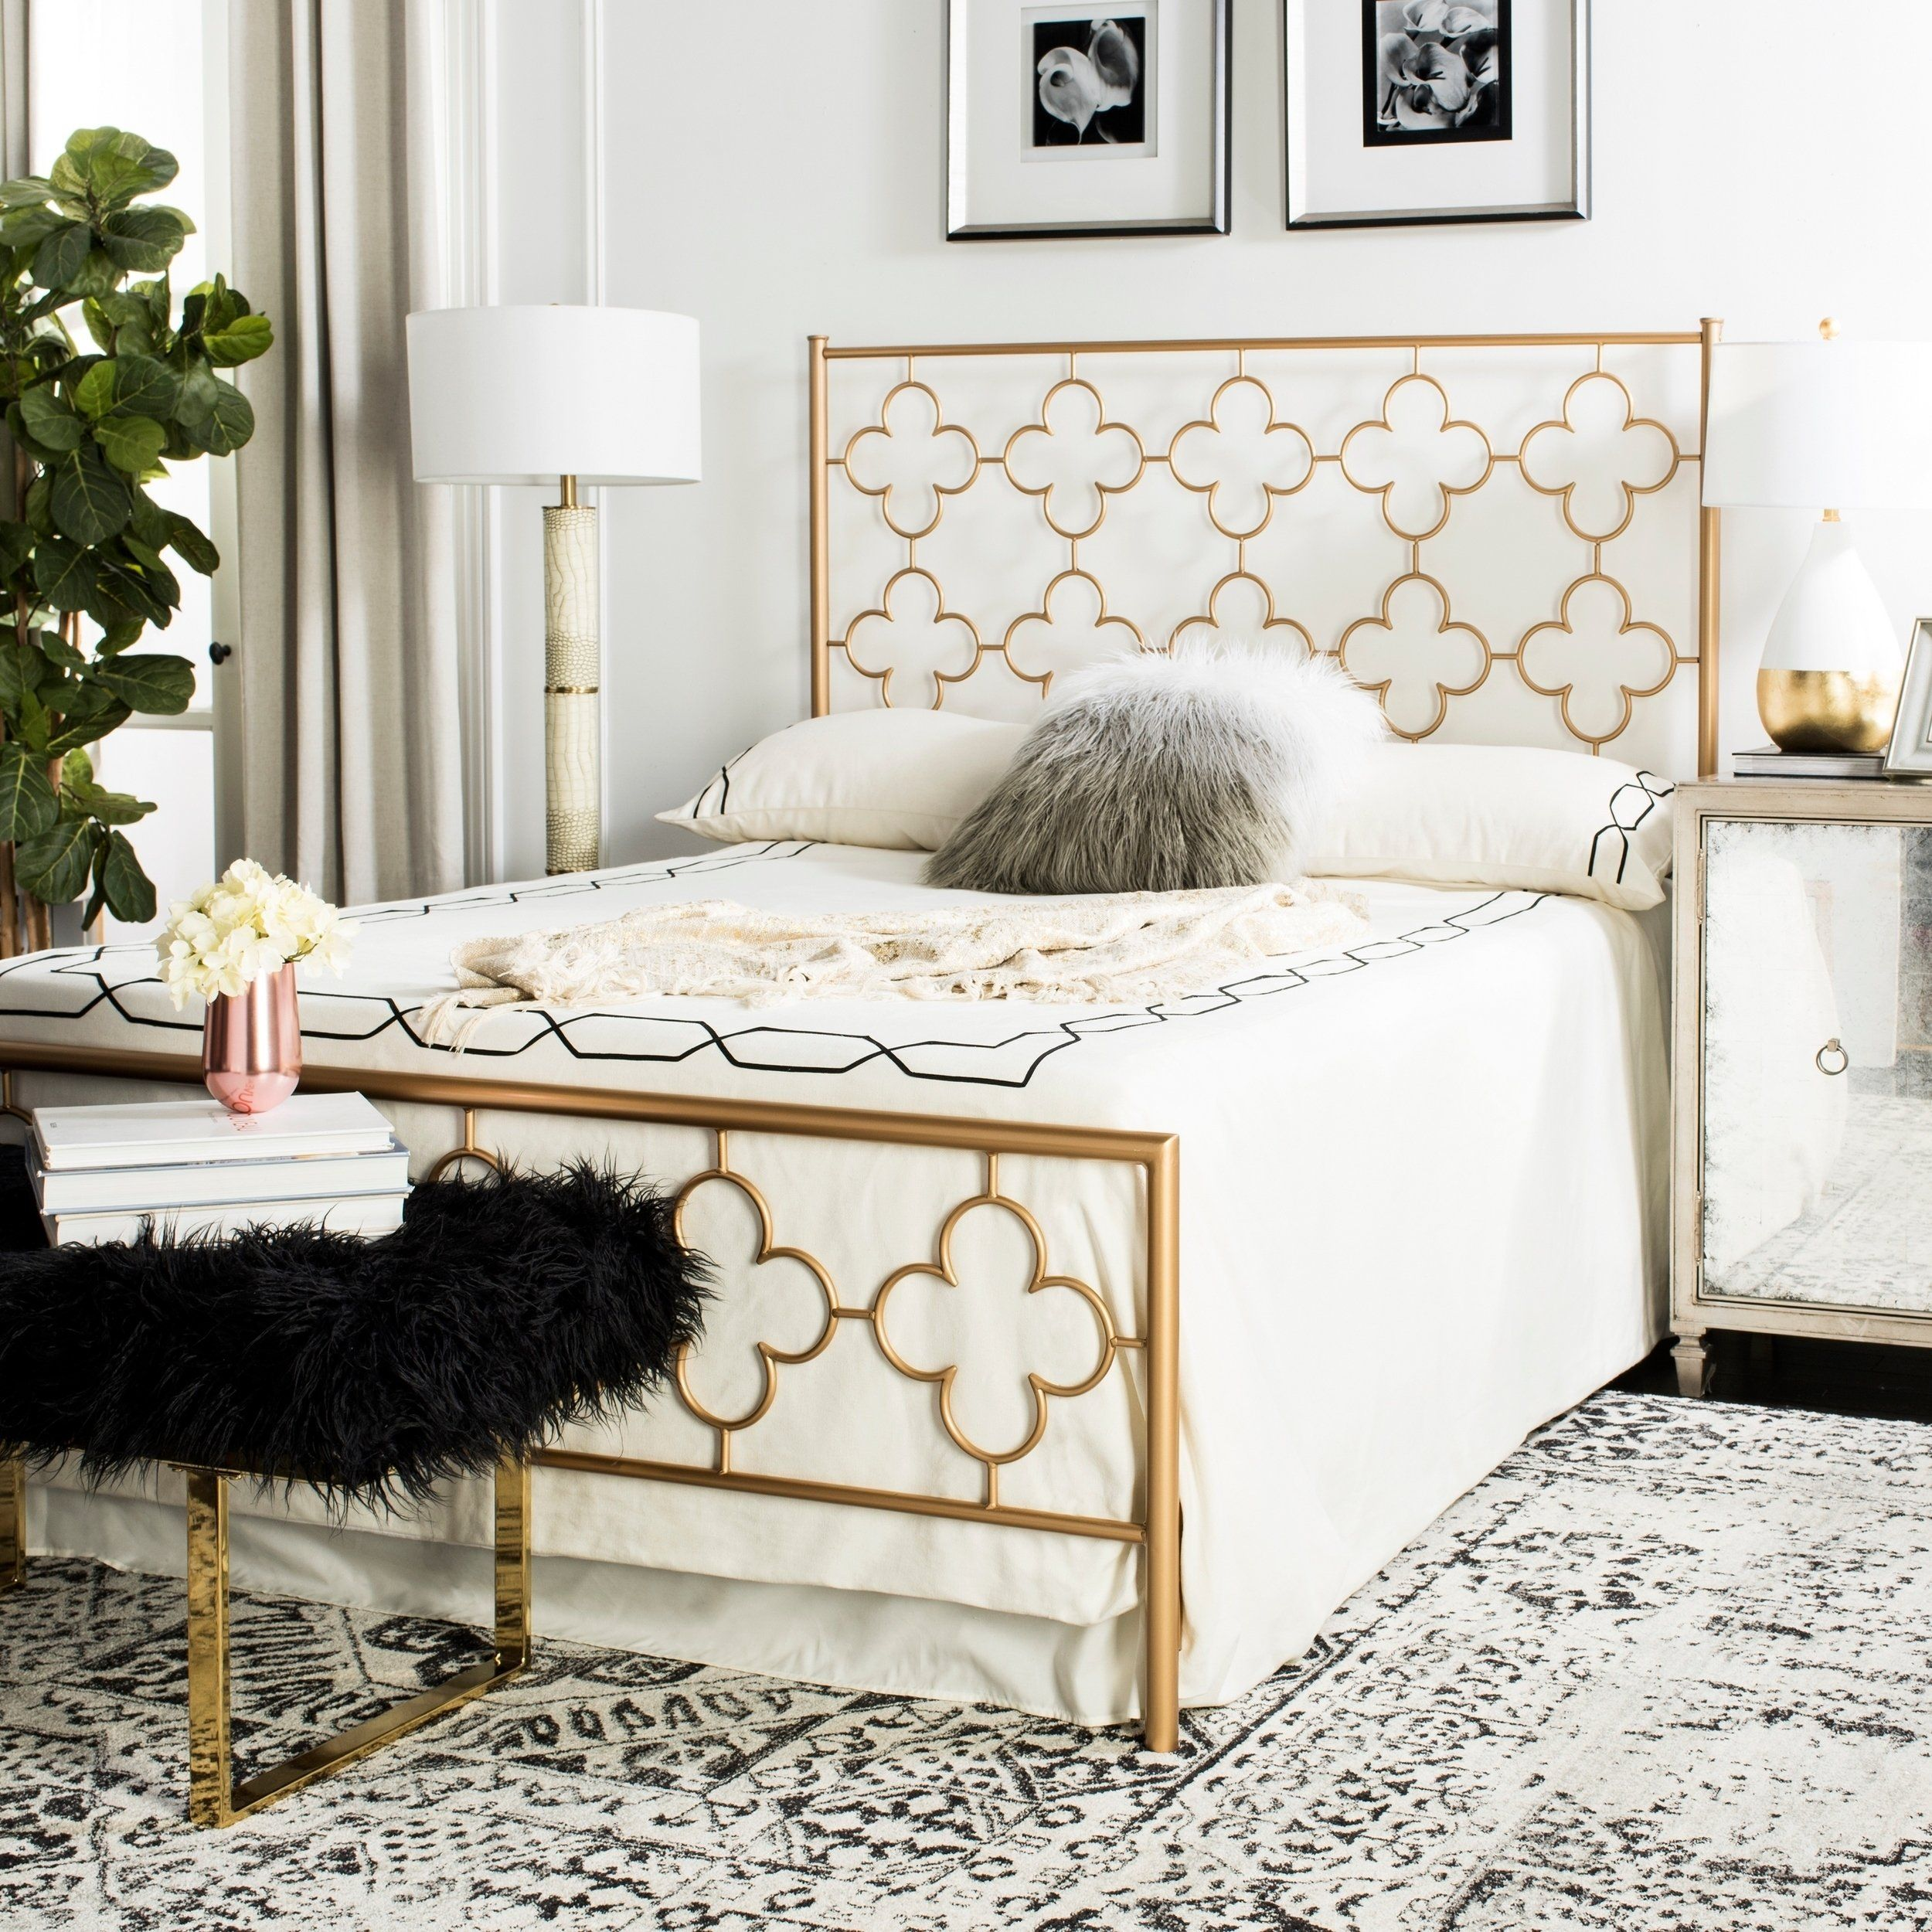 Safavieh Bedding Morris Lattice Metal Full Sized Bed Antique